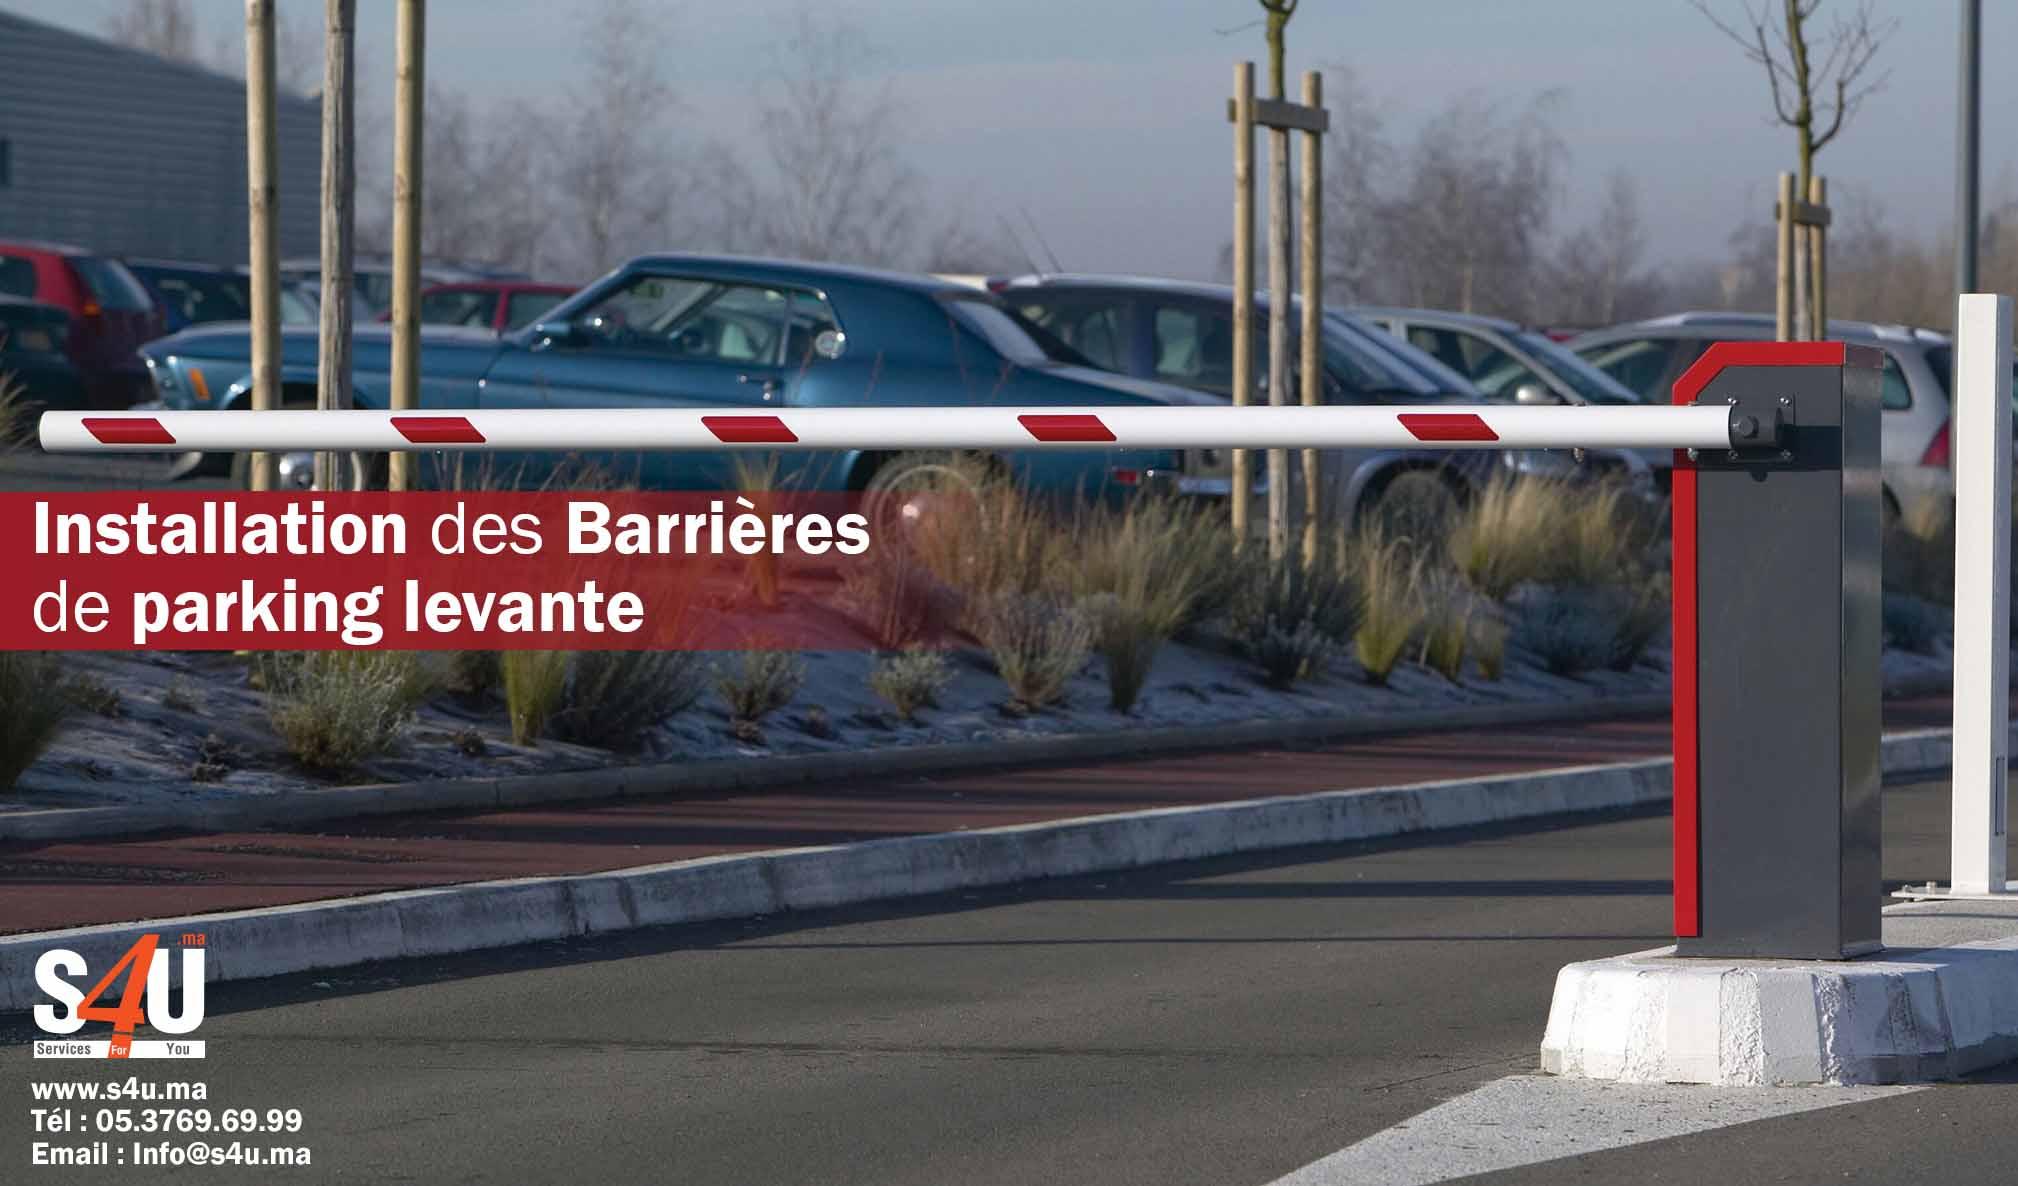 Installation-des-Barrières-de-parking-levante-Rabat-Casablanca-Maroc